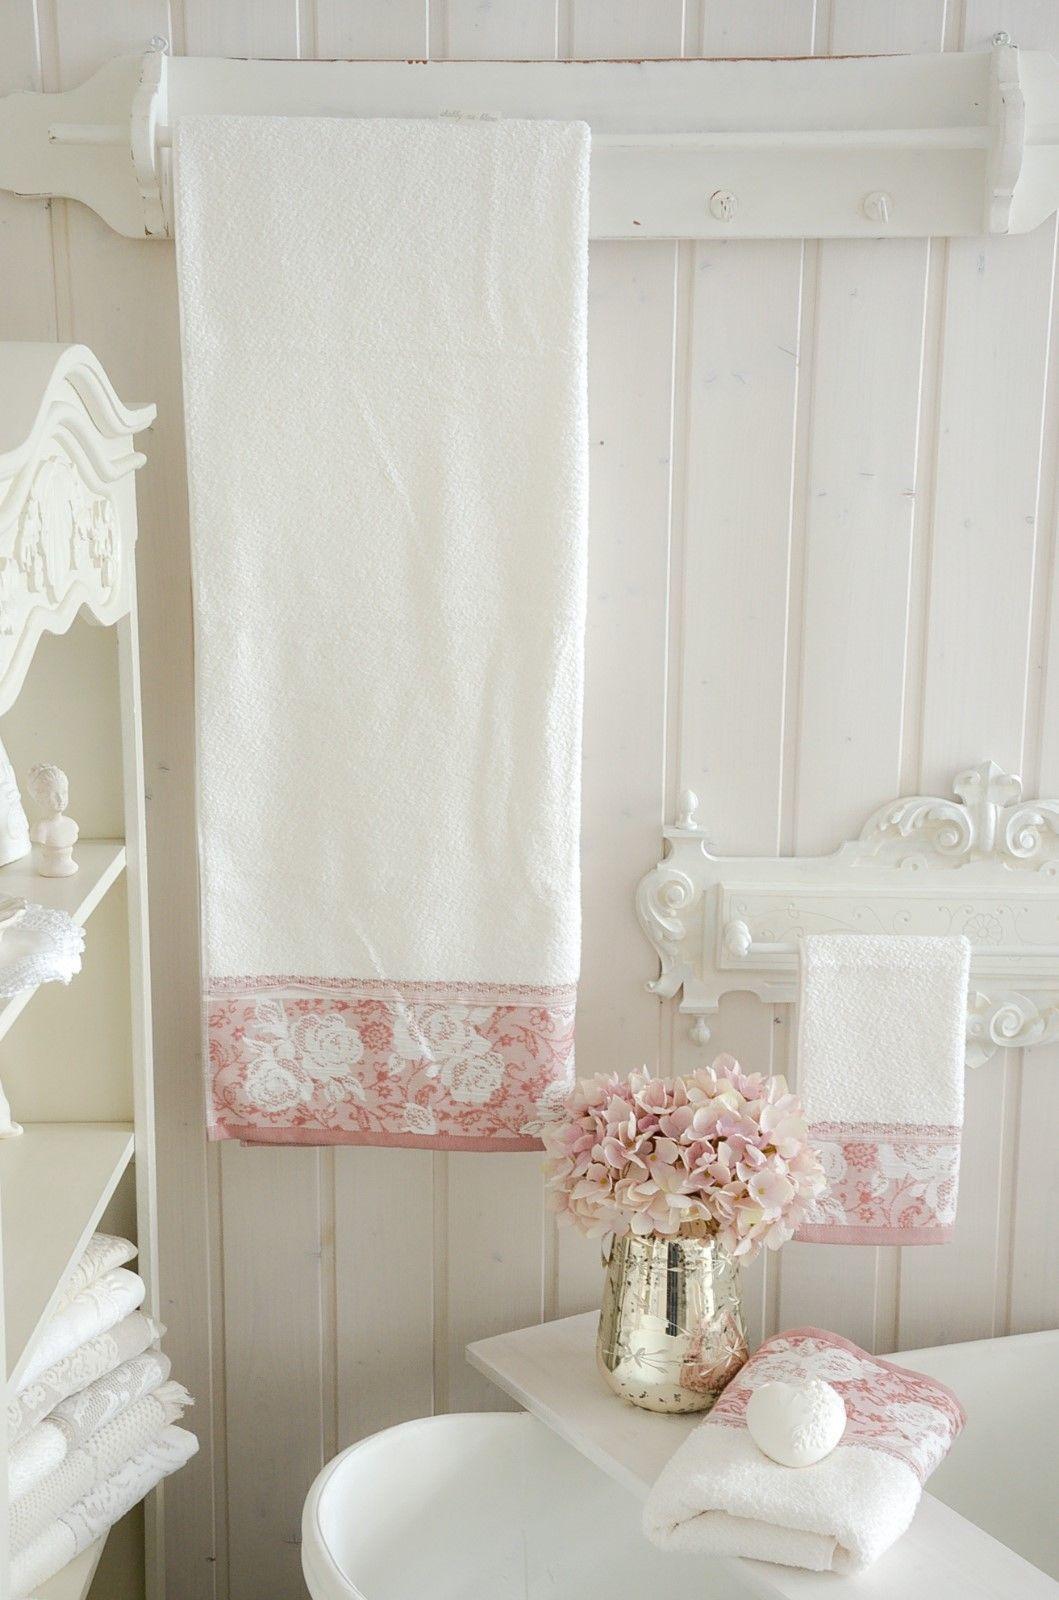 Details Zu Duschtuch Badetuch Handtuch Frottee 70 X 140 Towel Bad Shabby Landhaus Vintage Salle De Bain Salle Bains